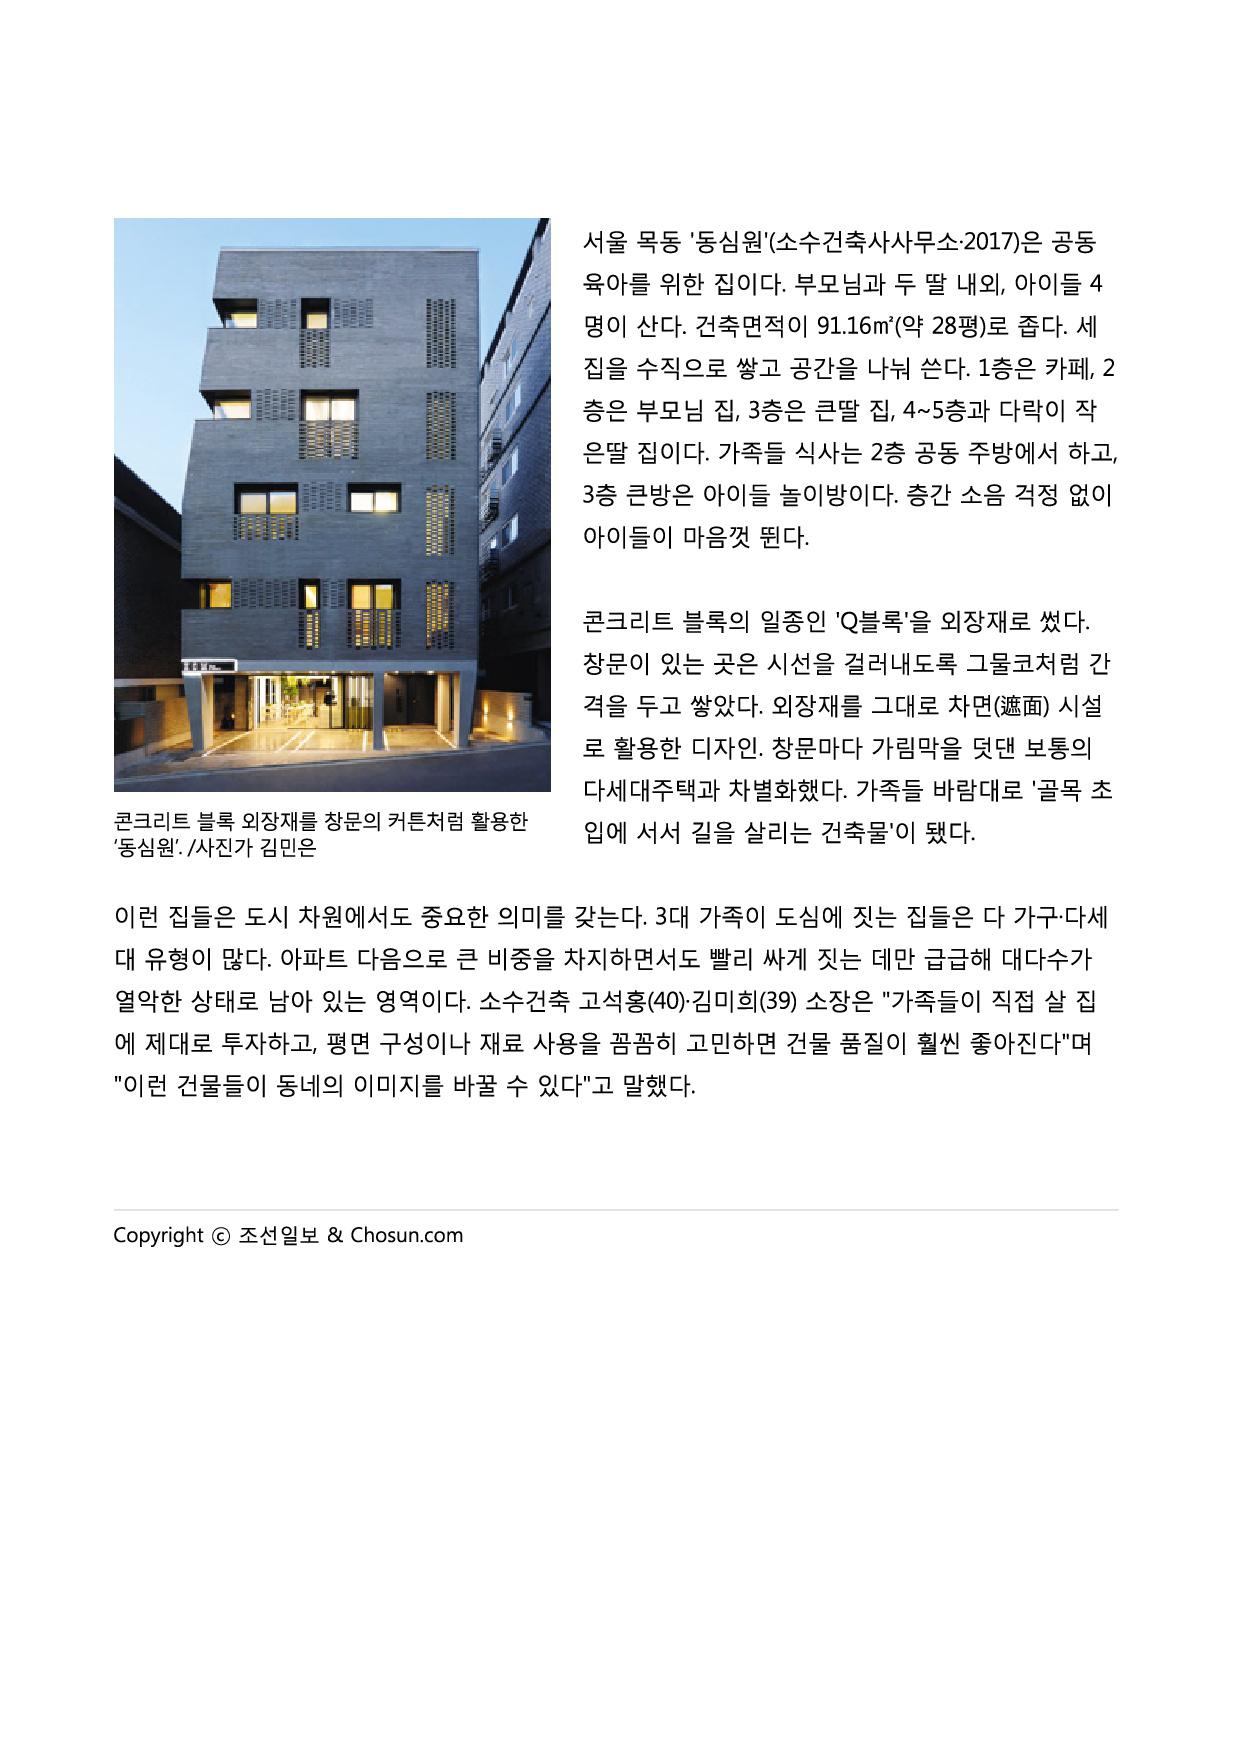 20190620_조선일보_동심원-003.jpg